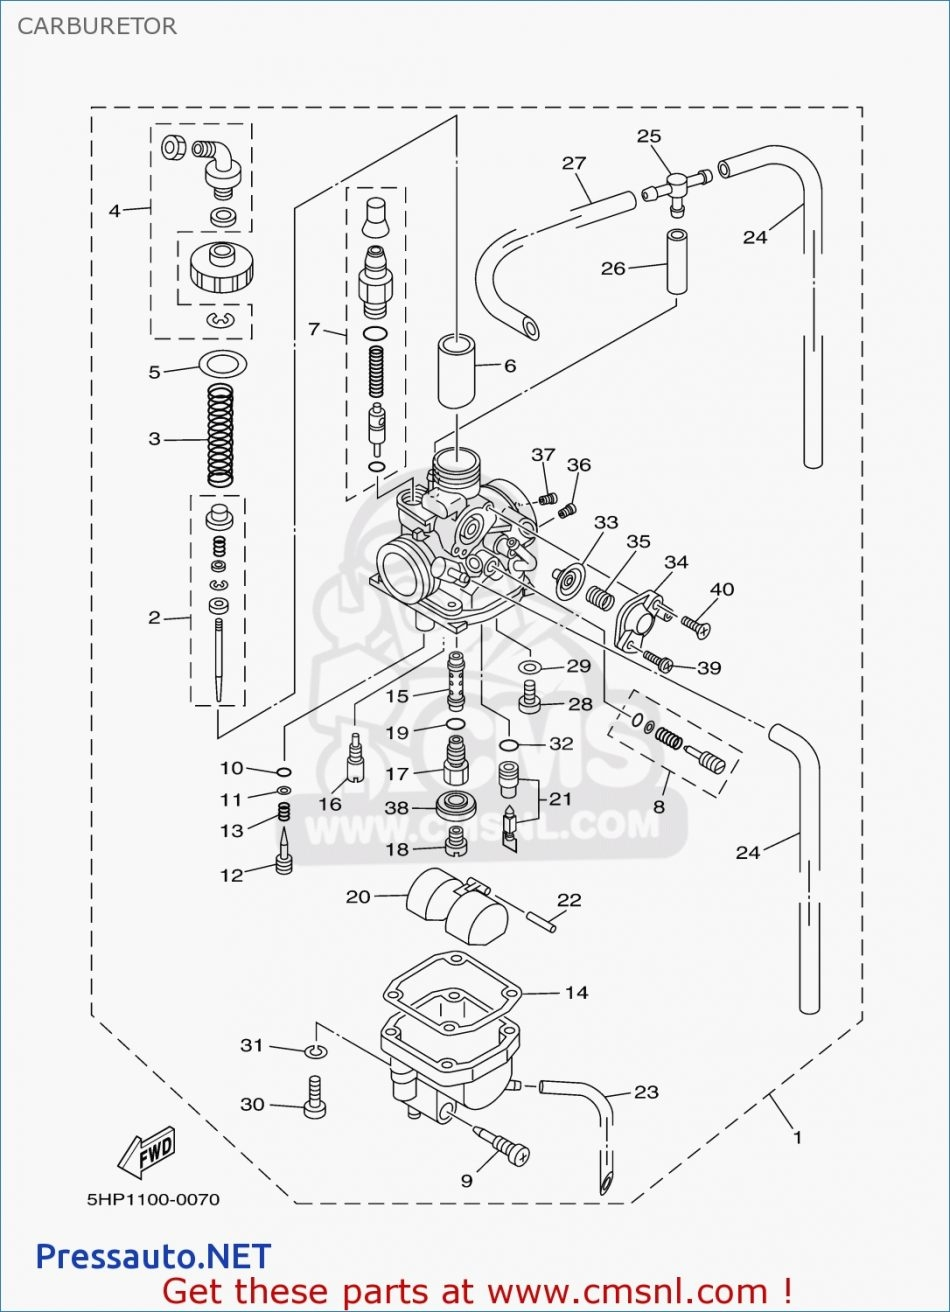 kawasaki mule wiring diagram kawasaki mule 610 wiring diagram